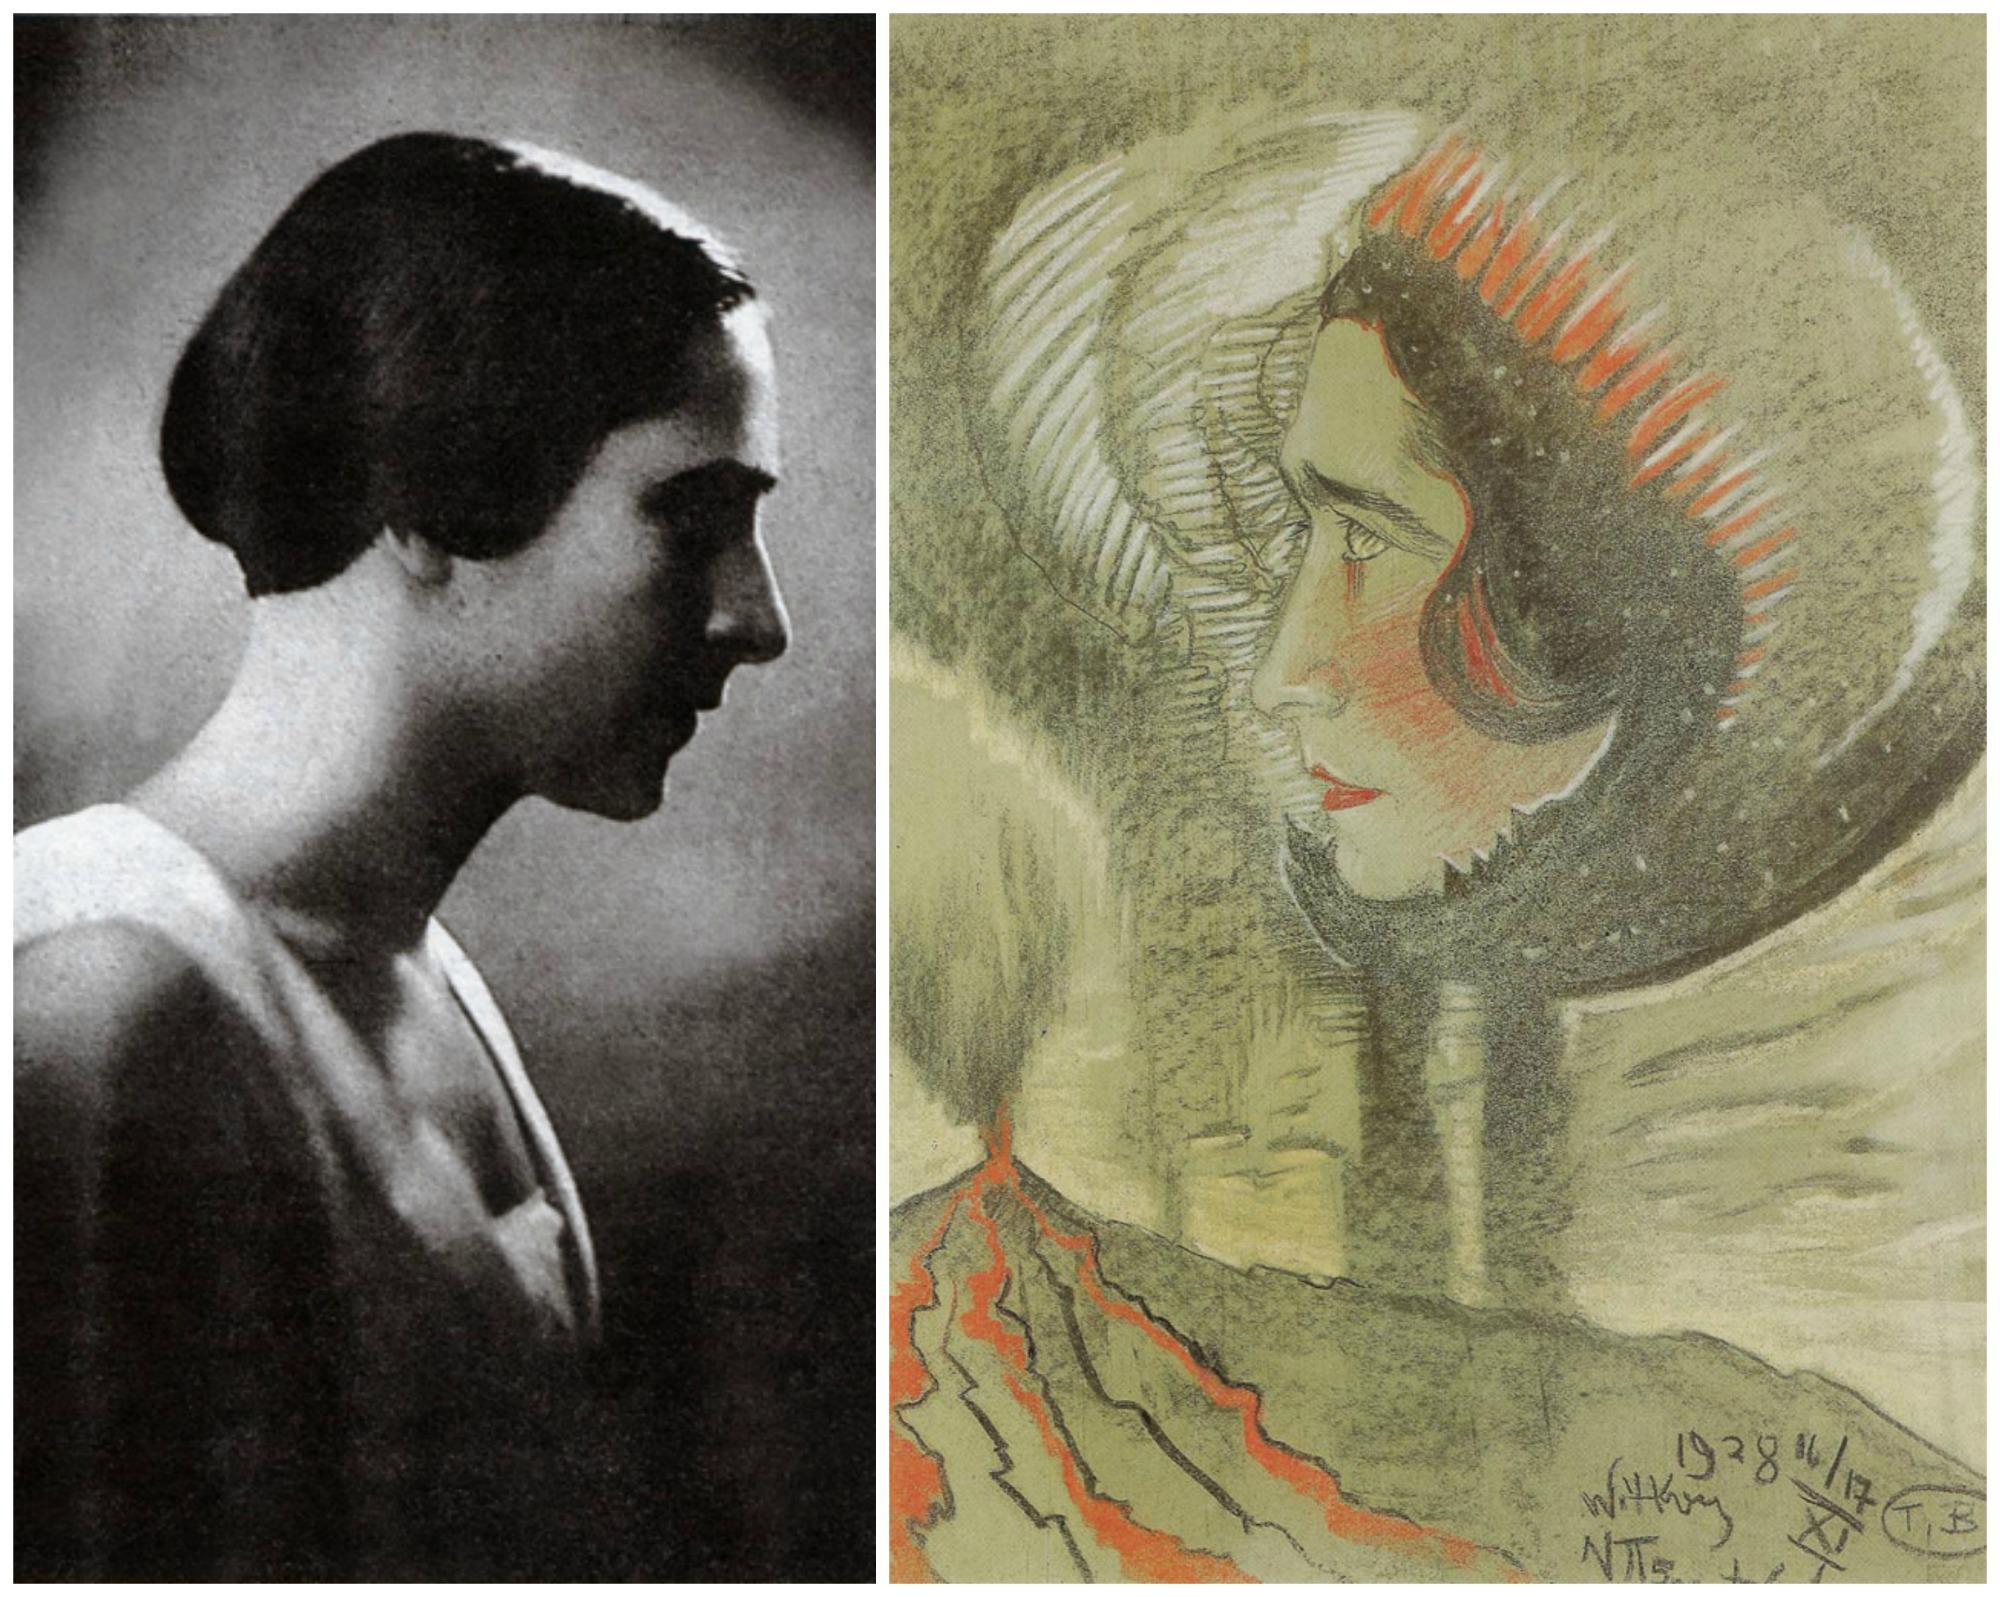 Z lewej Irena Krzywicka na fotografii z 1930 r. Z prawej na portrecie Witkacego z 1928 r. (fot. Wikimedia.org / Domena publiczna)